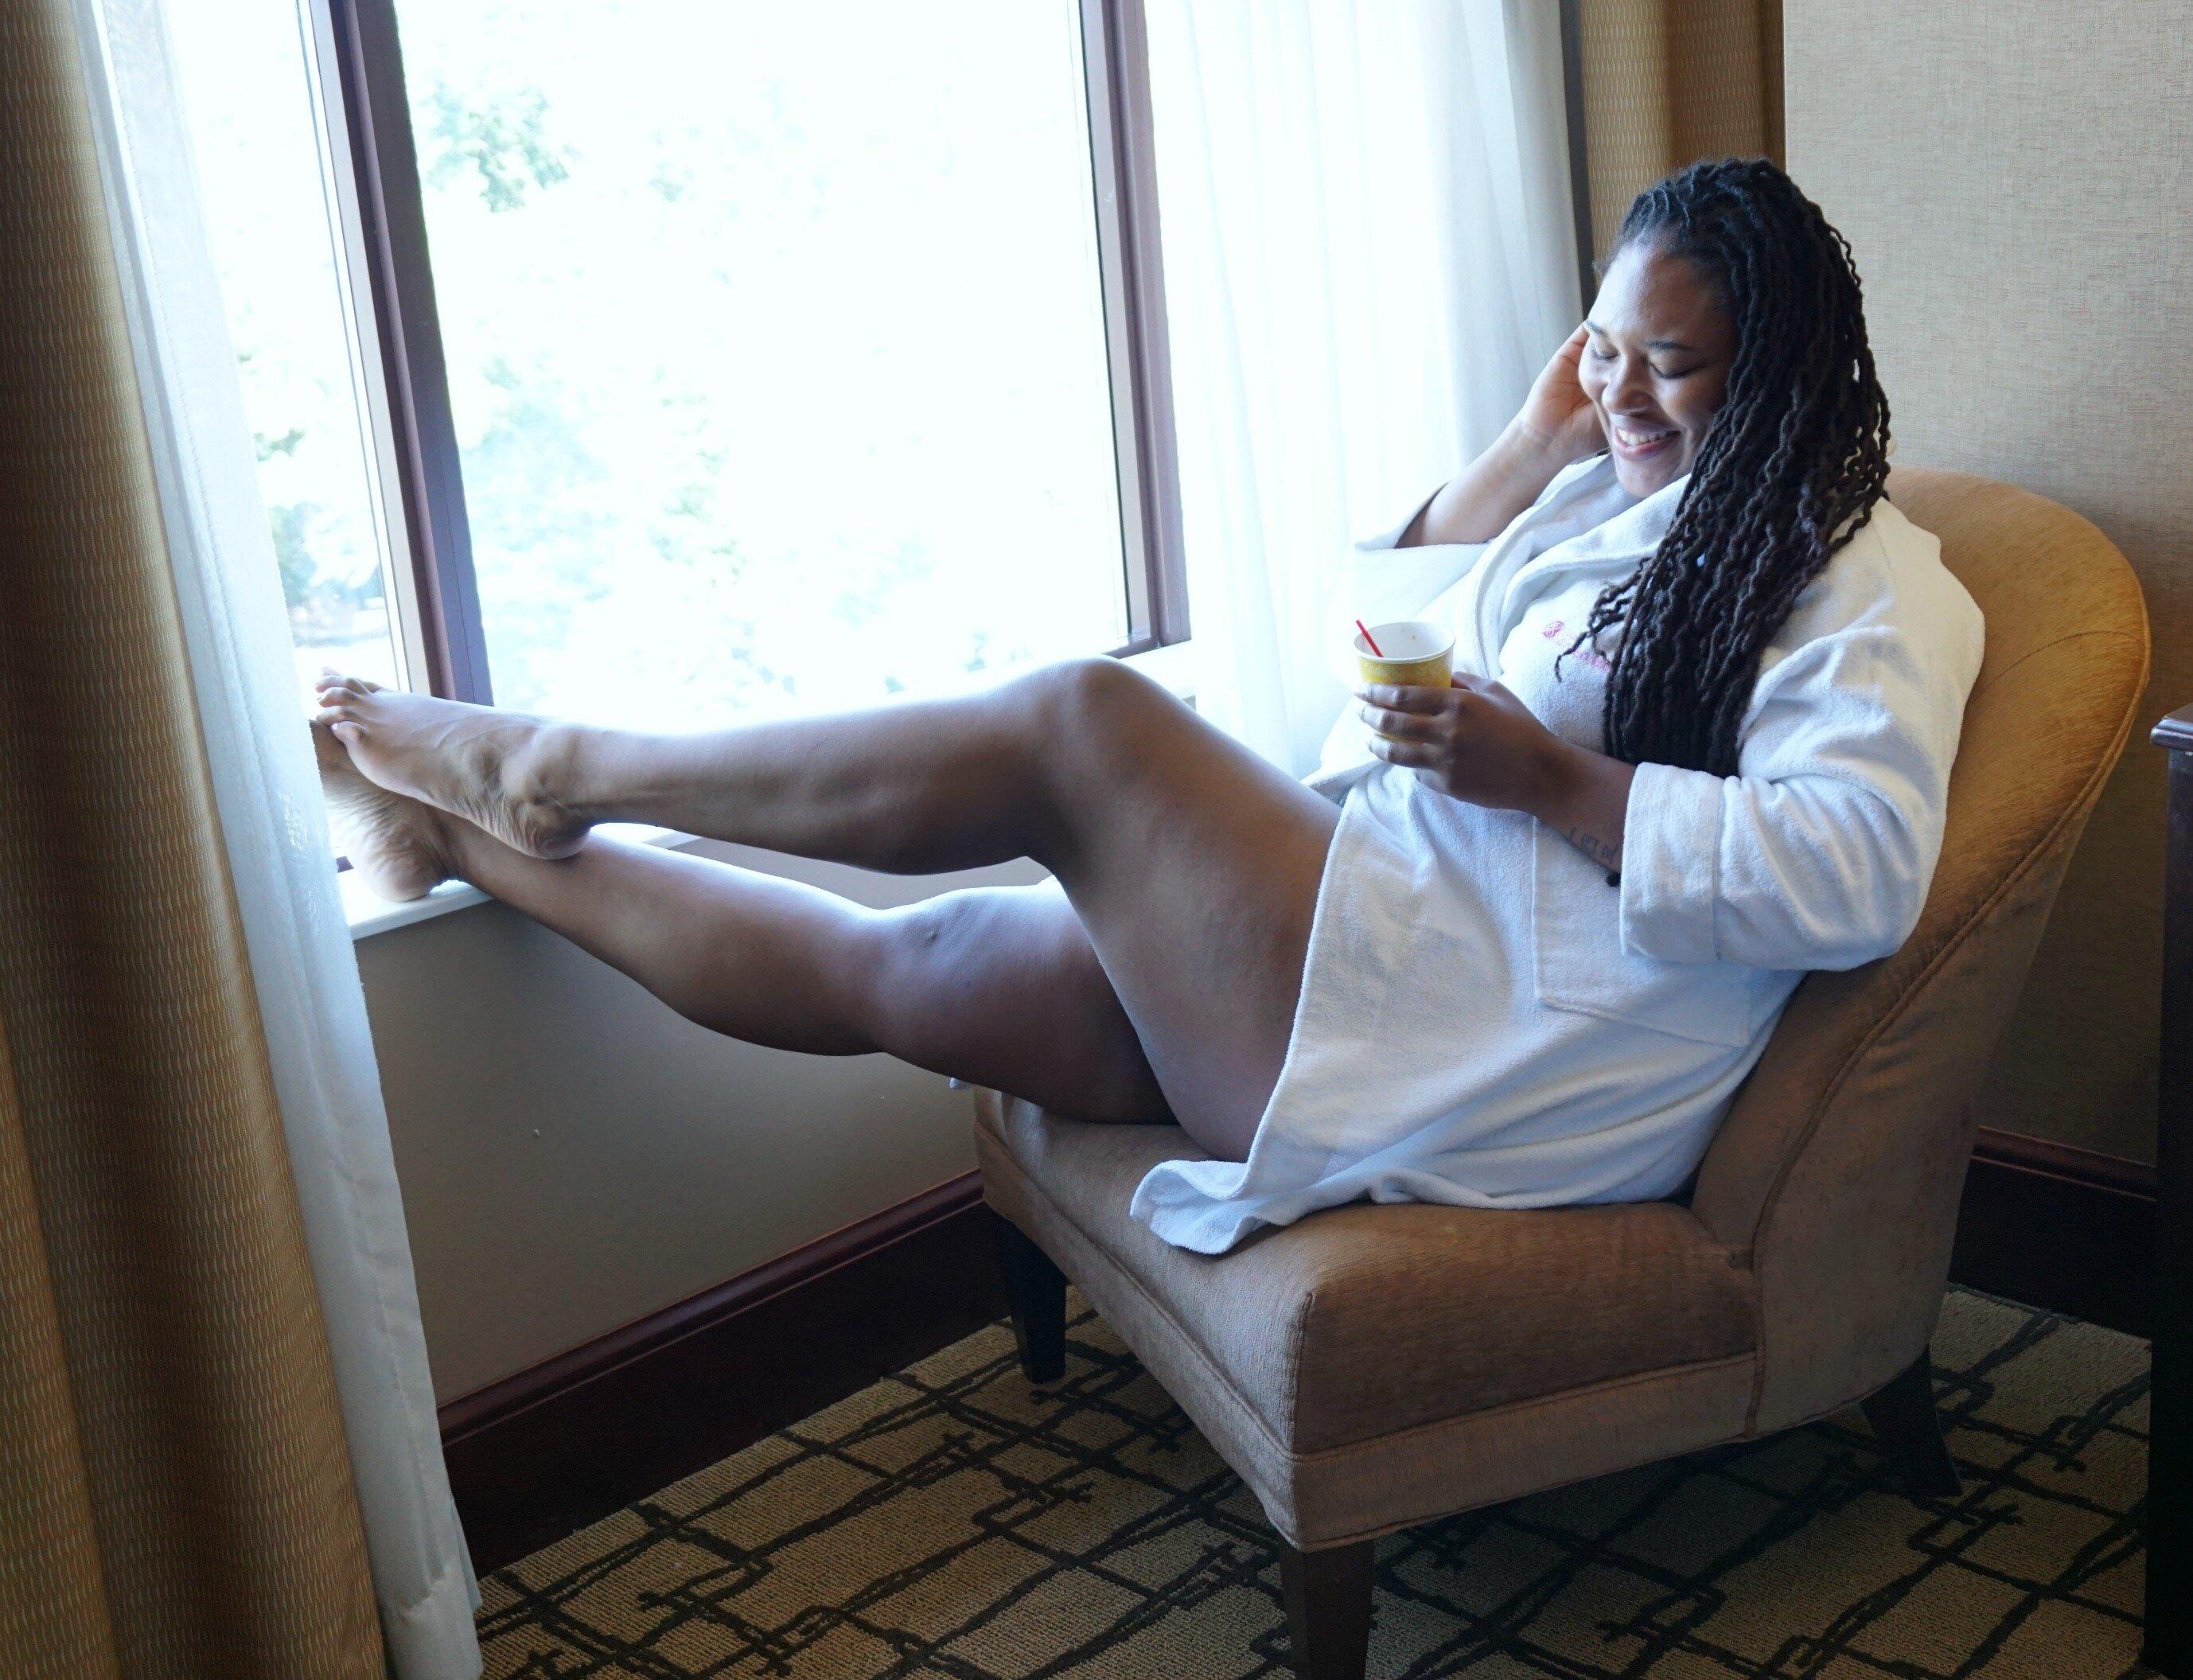 Stay at the Garden; Hilton Garden Inn Atlanta